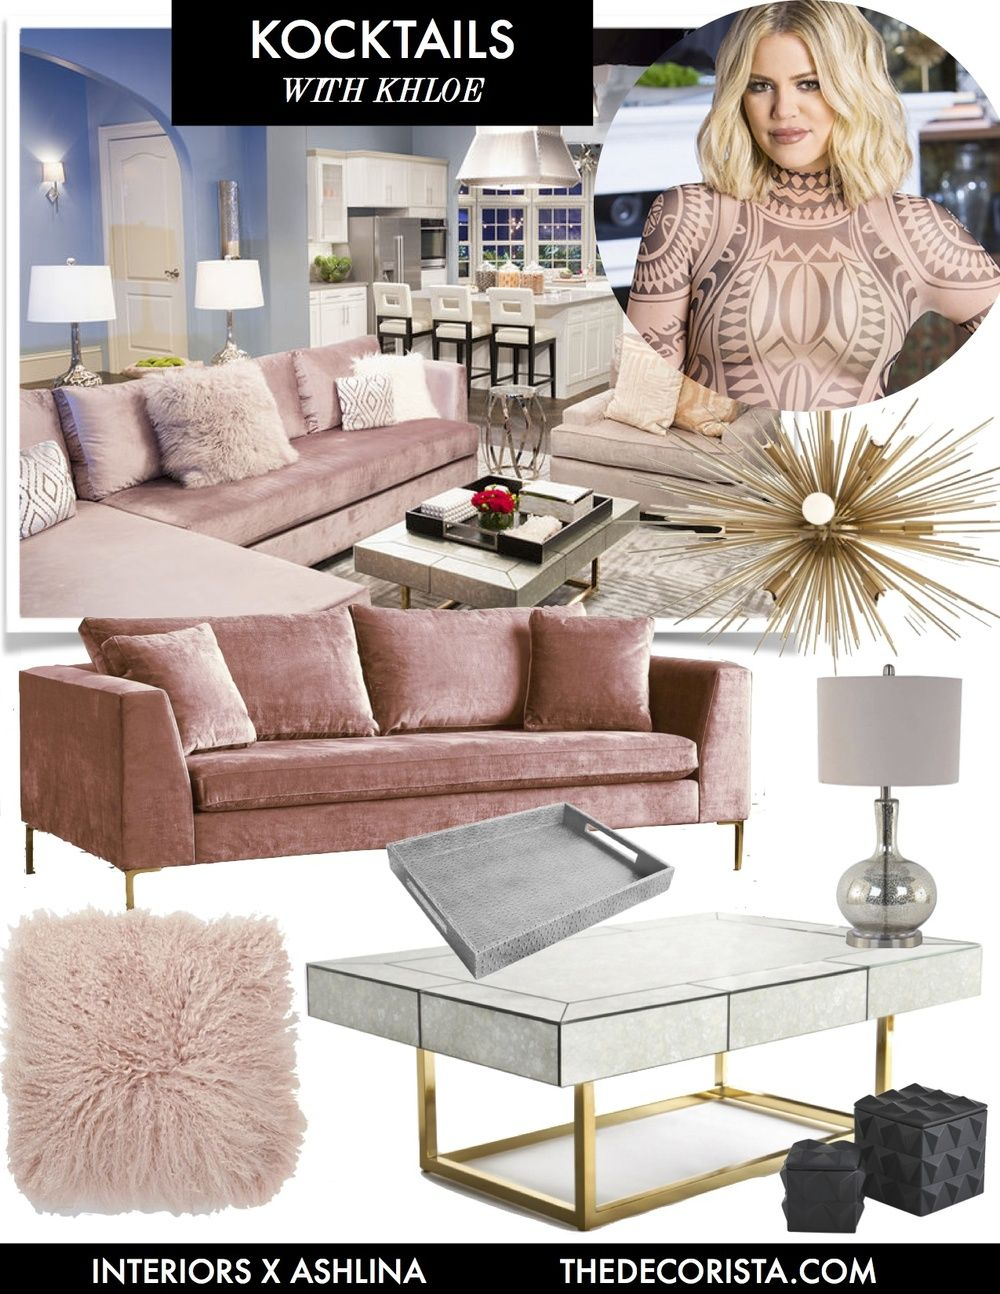 Get The Look Kocktails With Khloe Ashlina Kaposta Home Decor Pink Living Room Pinterest Living Room Khloe k living room